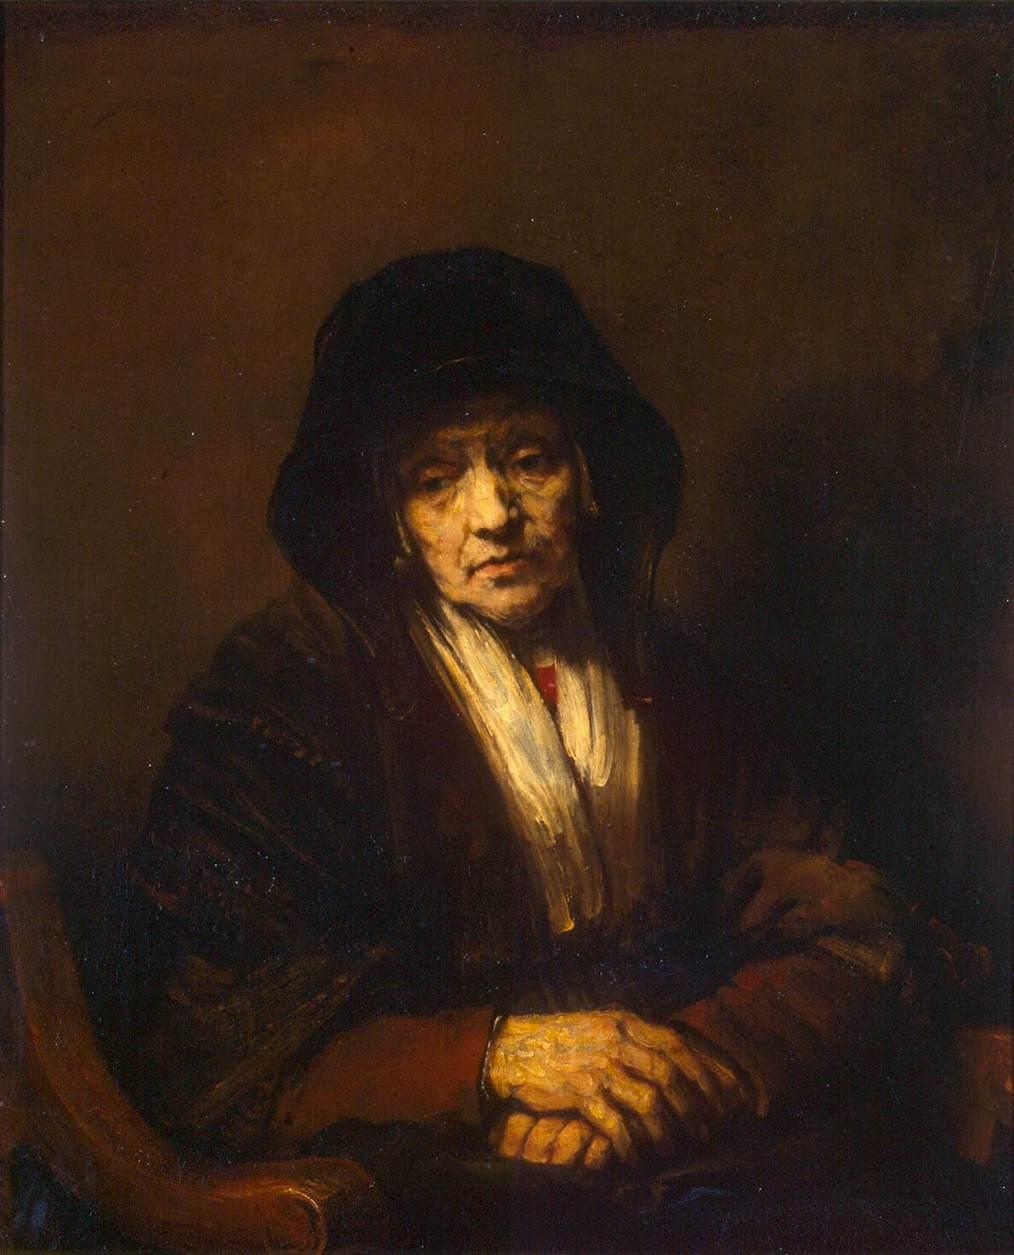 Rembrandt Oil Painting Medium